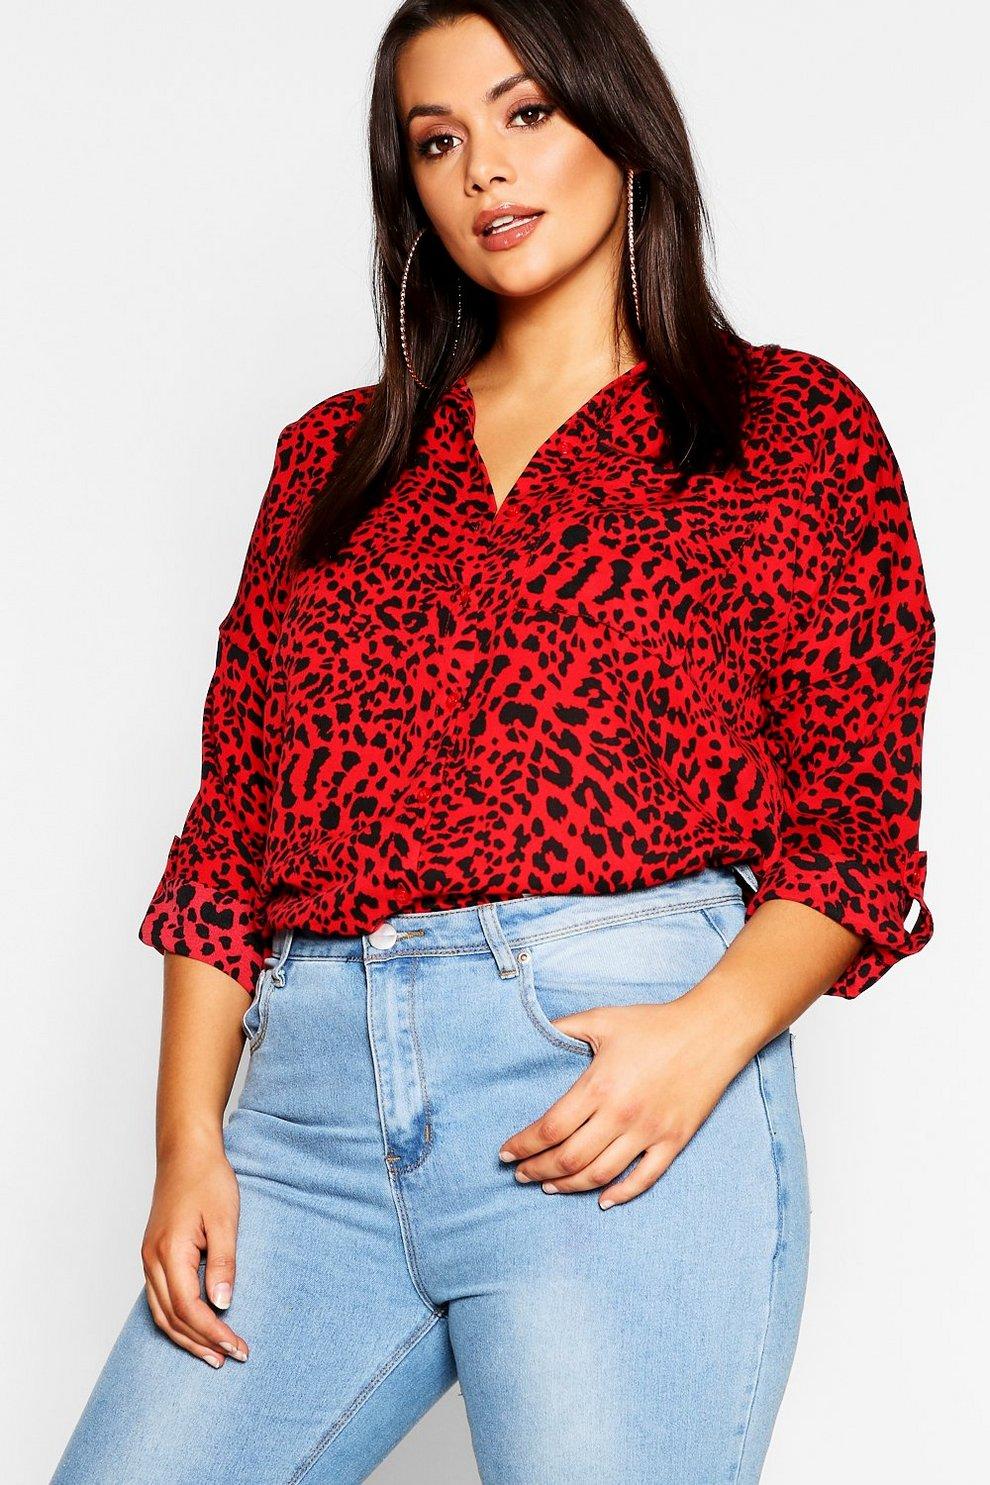 f71e251fa3 Camisa extragrande con estampado de leopardo de color rojo Plus